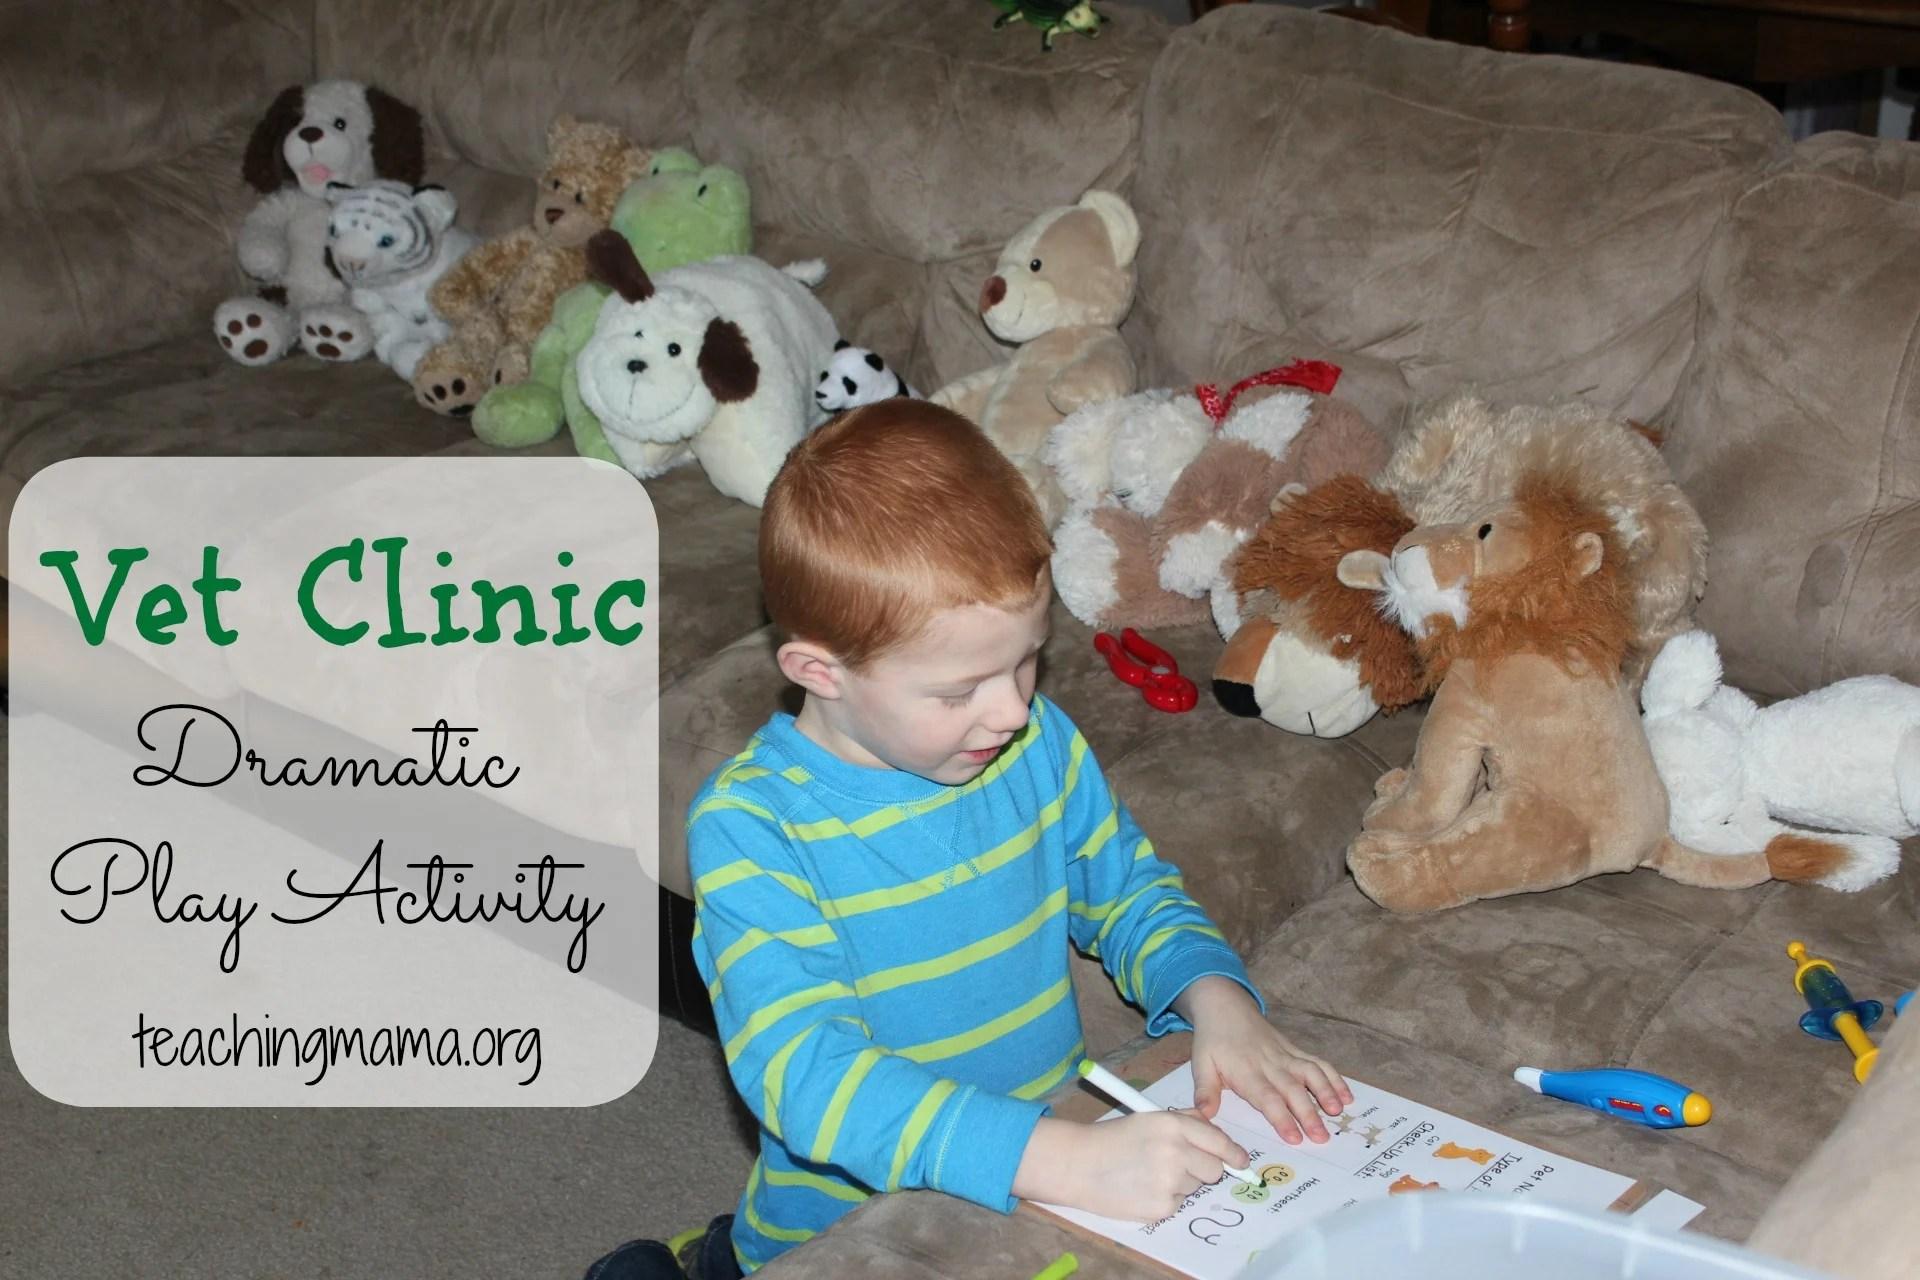 Vet Clinic Dramatic Play Activity